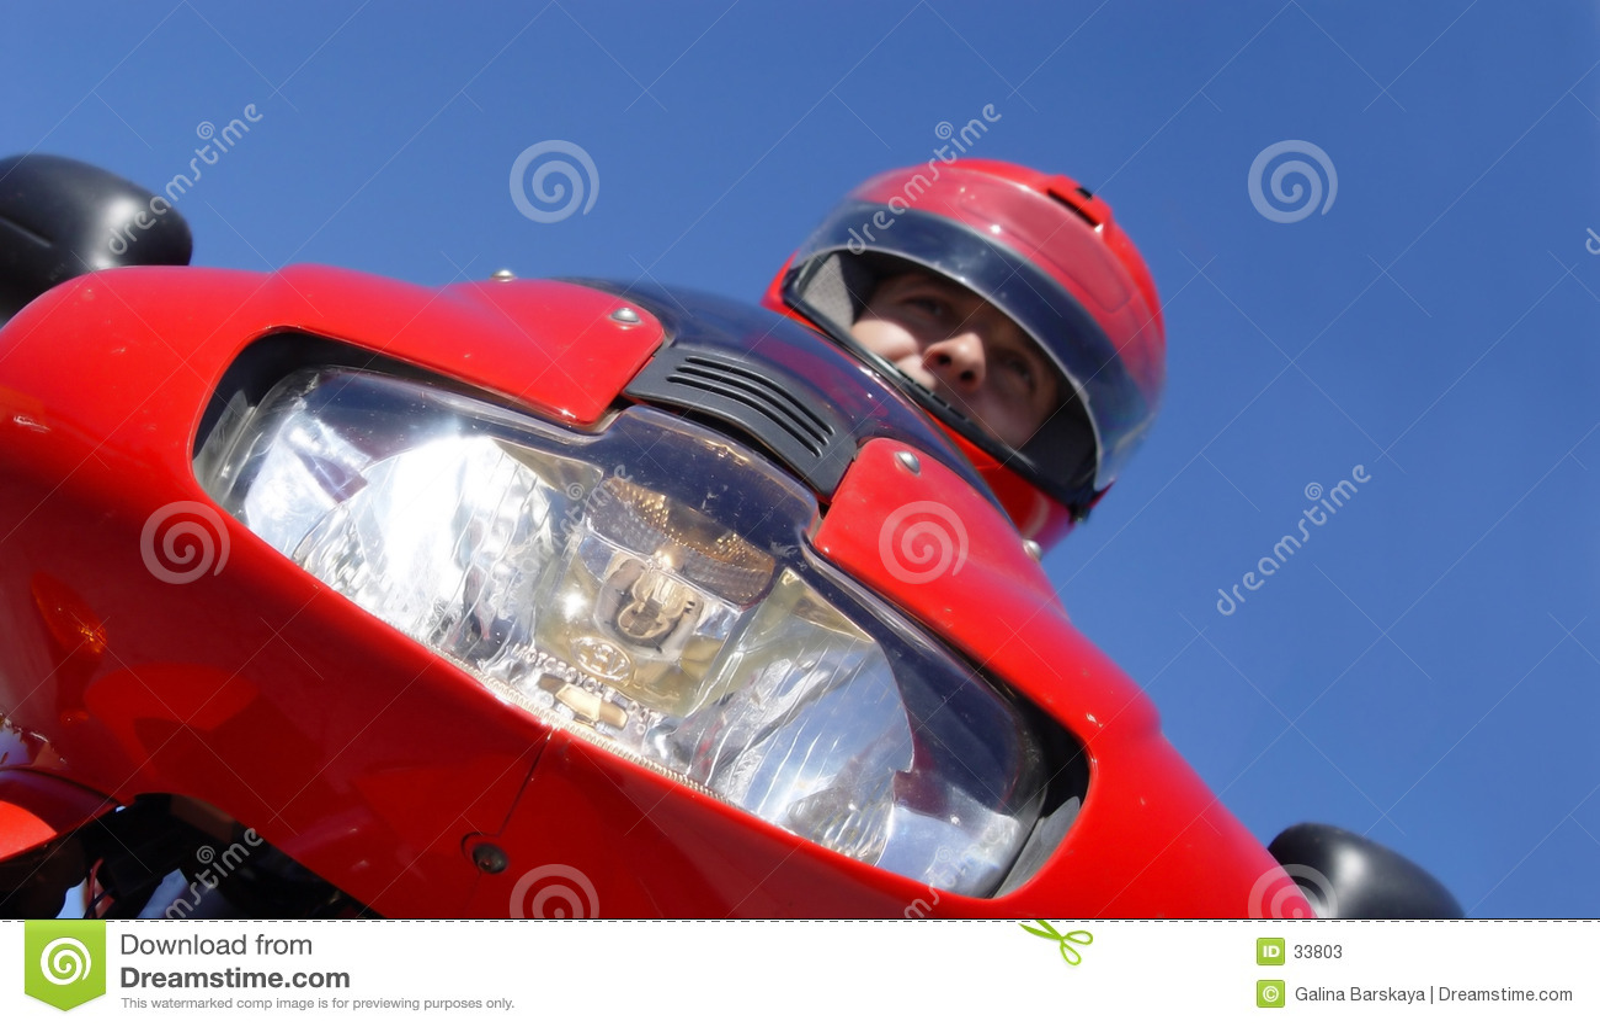 Download Motorista imagen de archivo. Imagen de bici, muchacho, gente - 33803